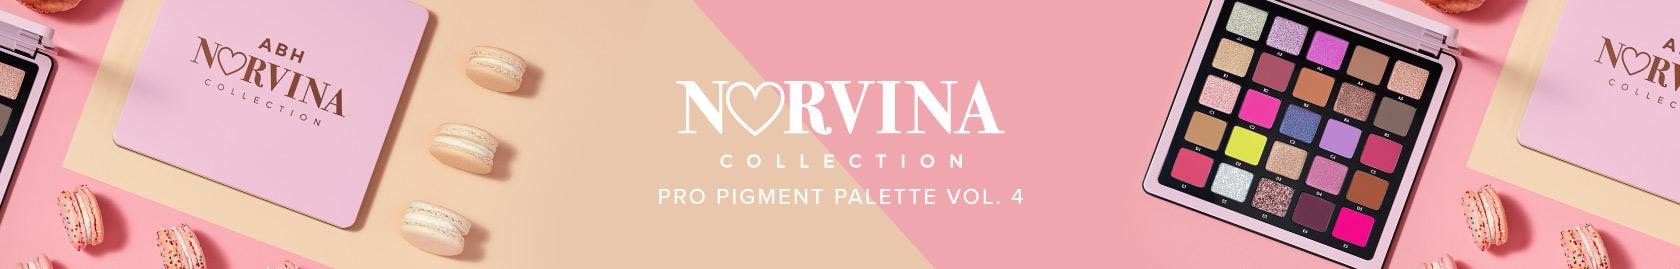 Norvina Collection - Norvina Pro Pigment Palette Vol. 4